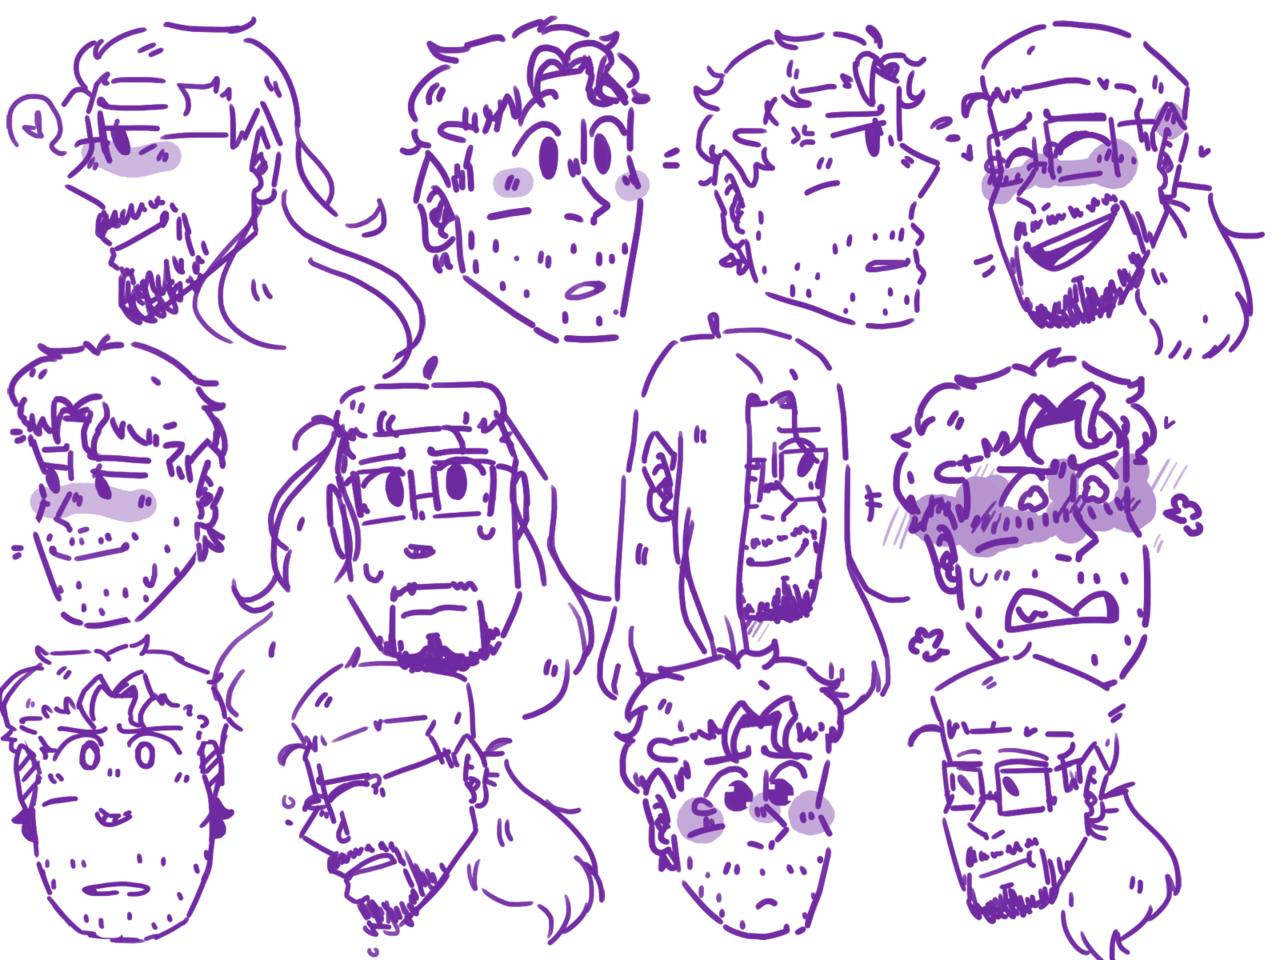 haha testing a style- doodles of the bois- Illust of Hai Bai thingy doodles random